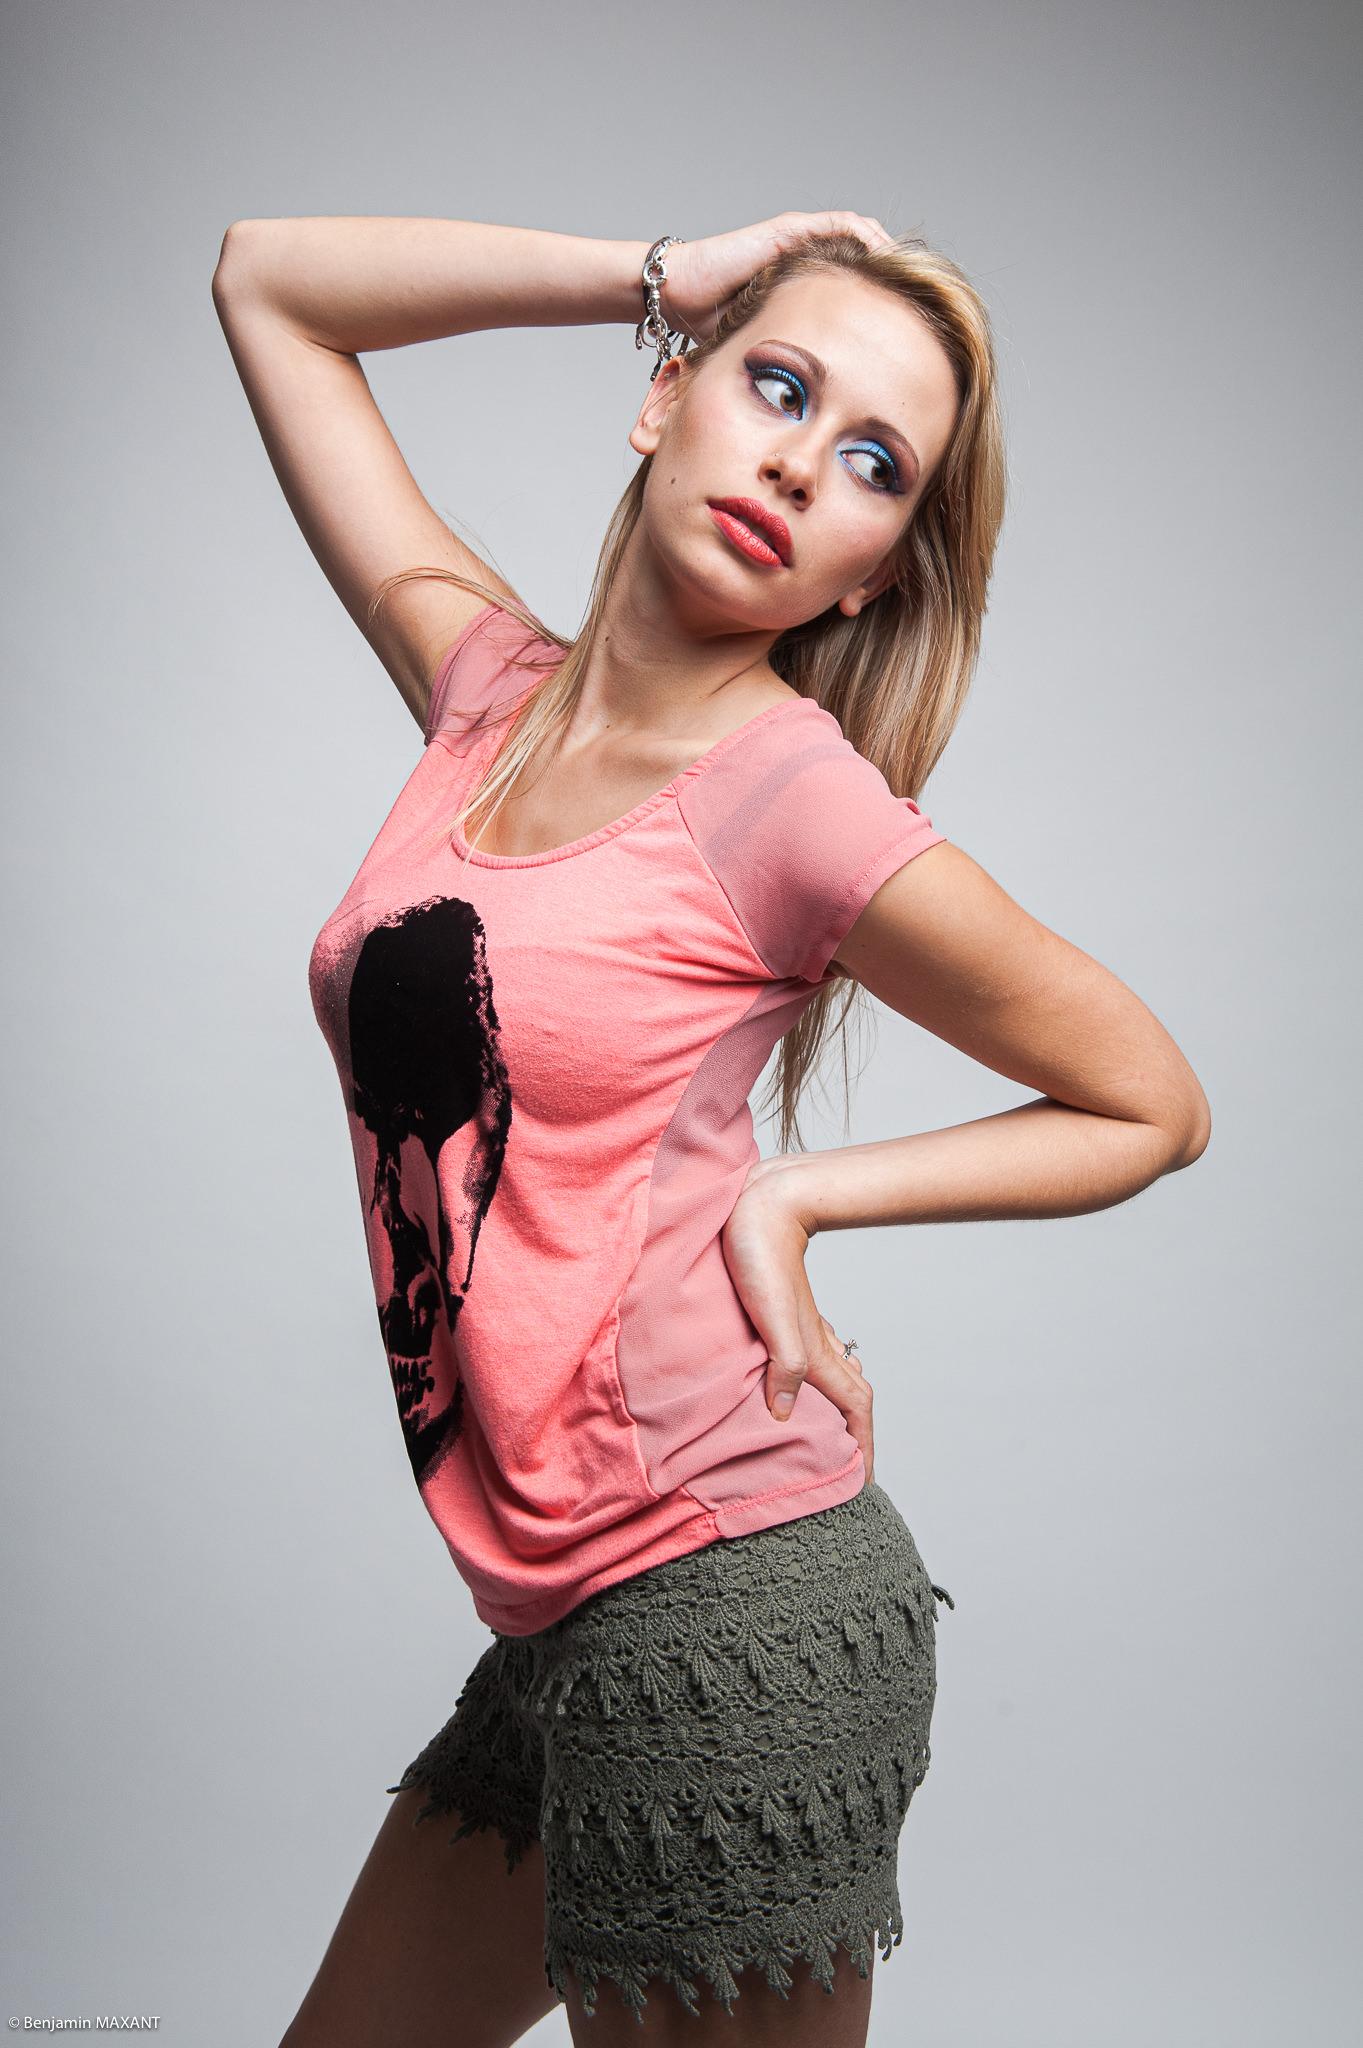 Séance photo modèle du type casual fashion estival en studio - short kaki et t-shirt imprimé rose